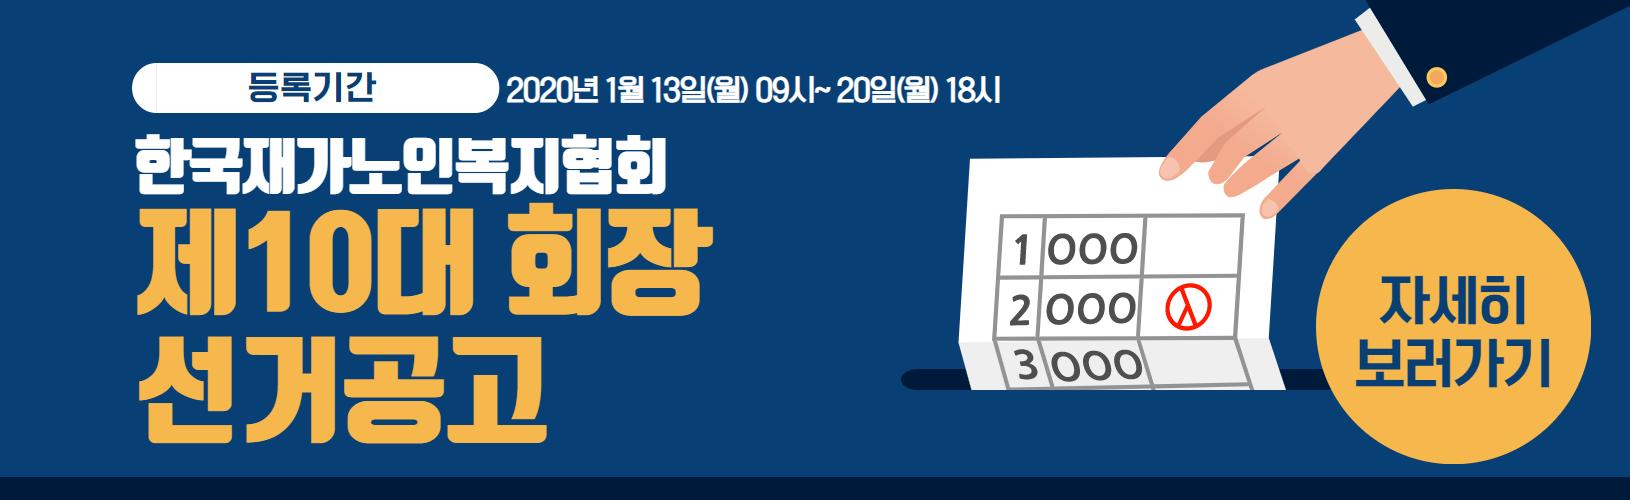 제10대회장선거공고